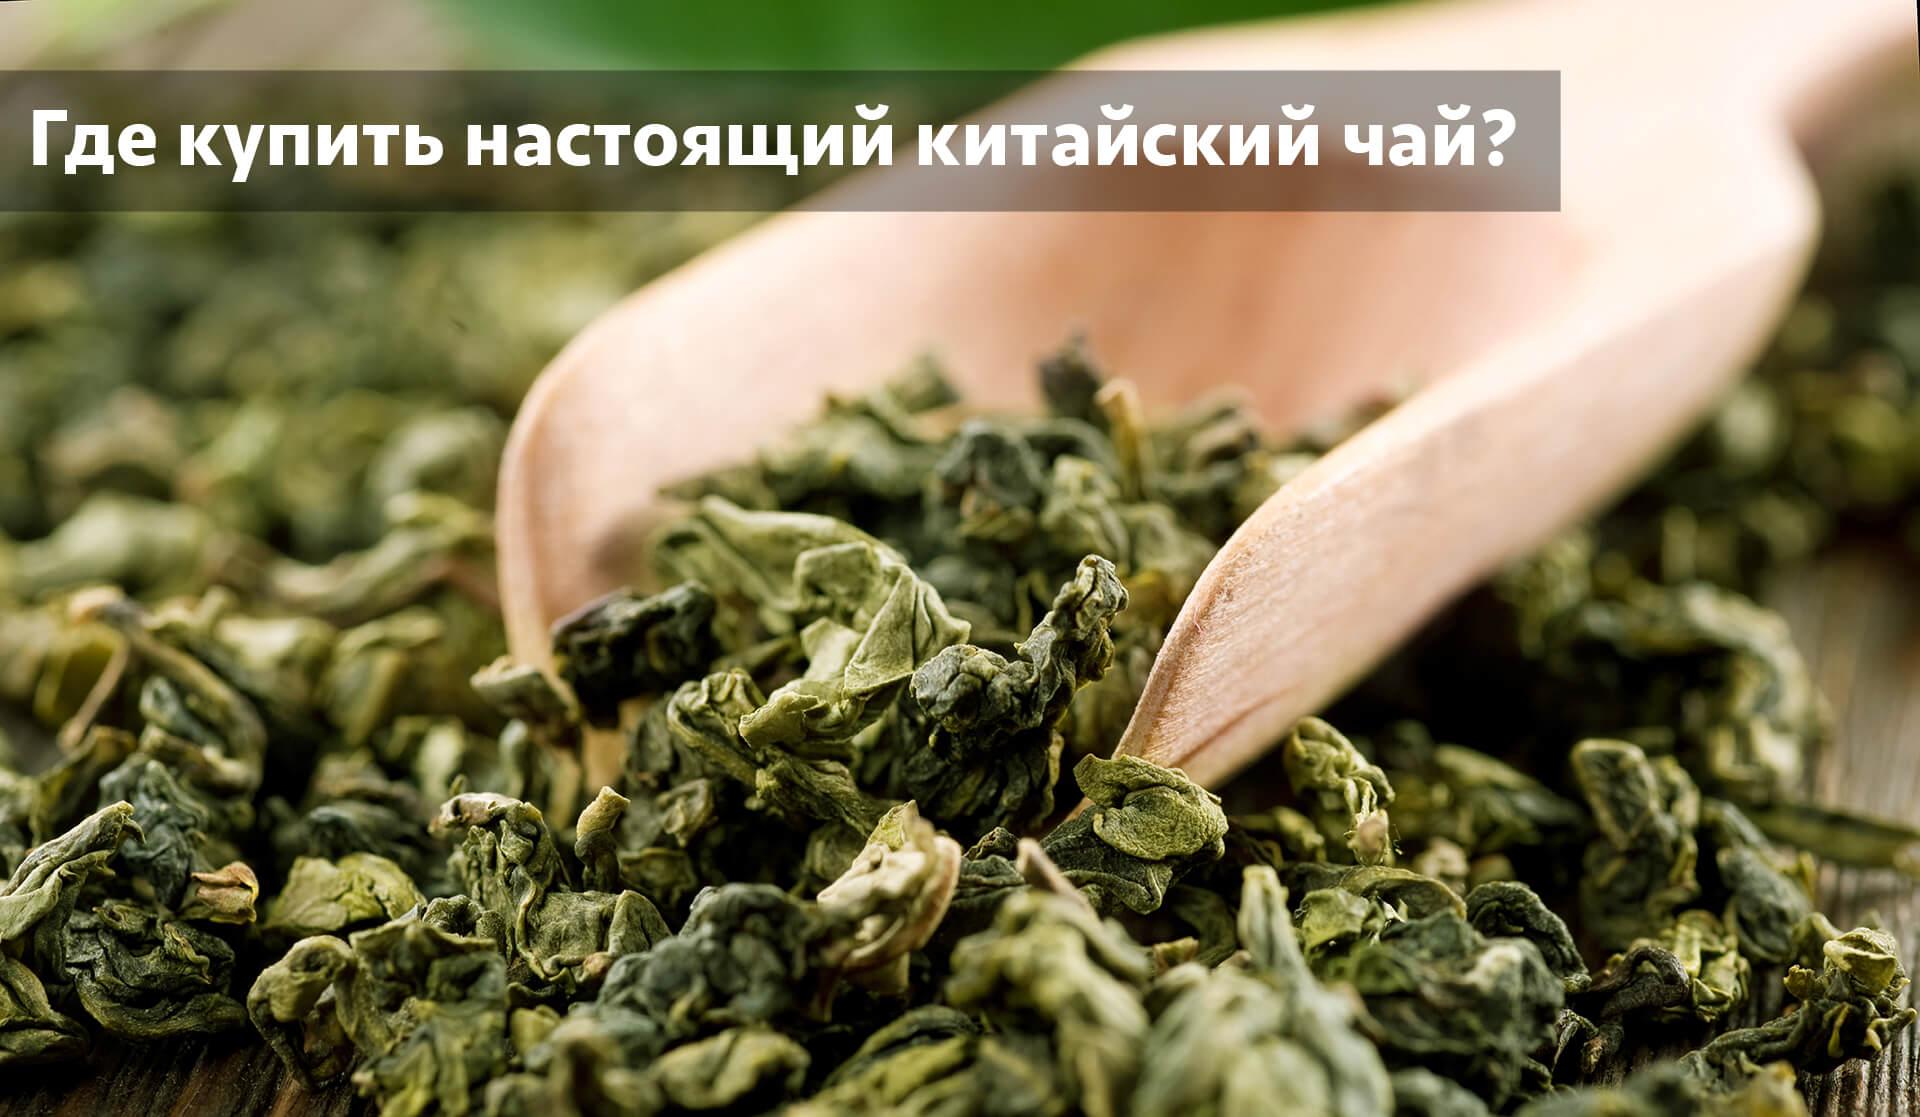 купить качественный китайский чай